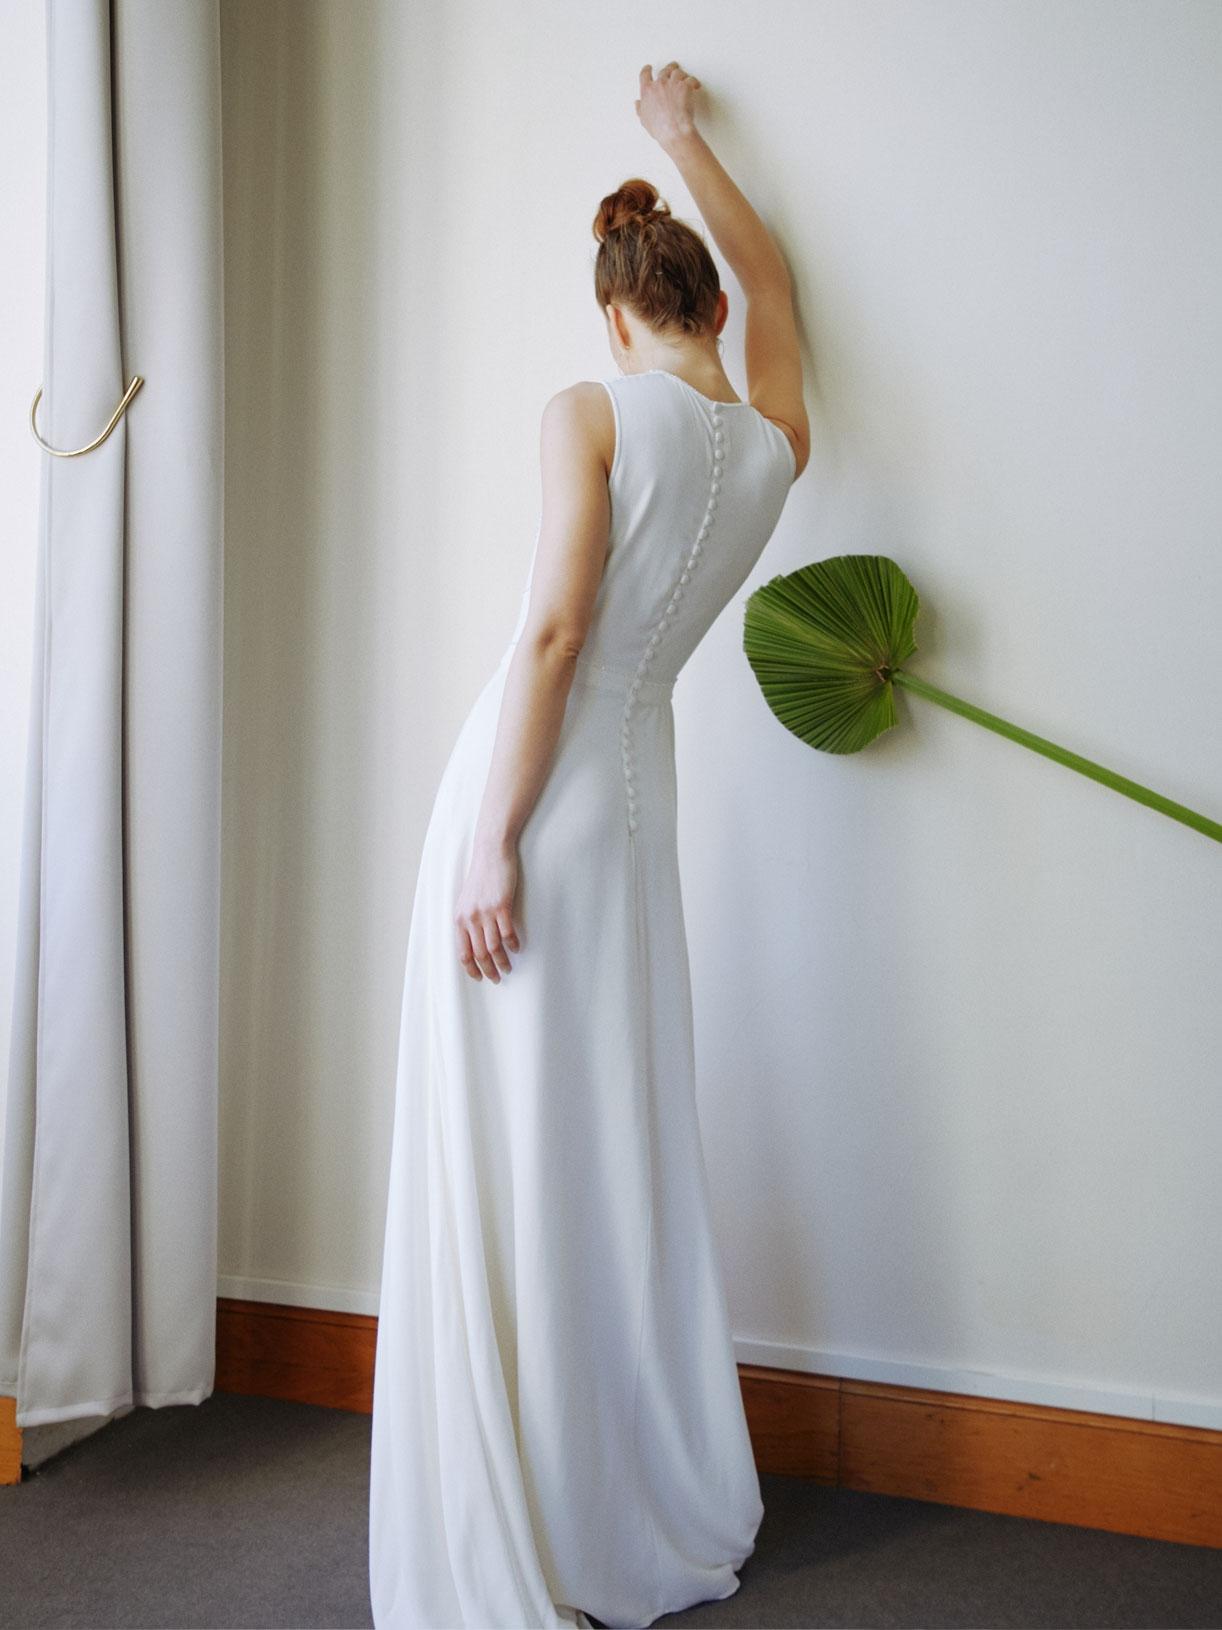 Stella - Robe de mariée trapèze longue avec décolleté sexy et strass - Créatrice de robes de mariée sur-mesure éthique et bio sur Paris - Myphilosophy